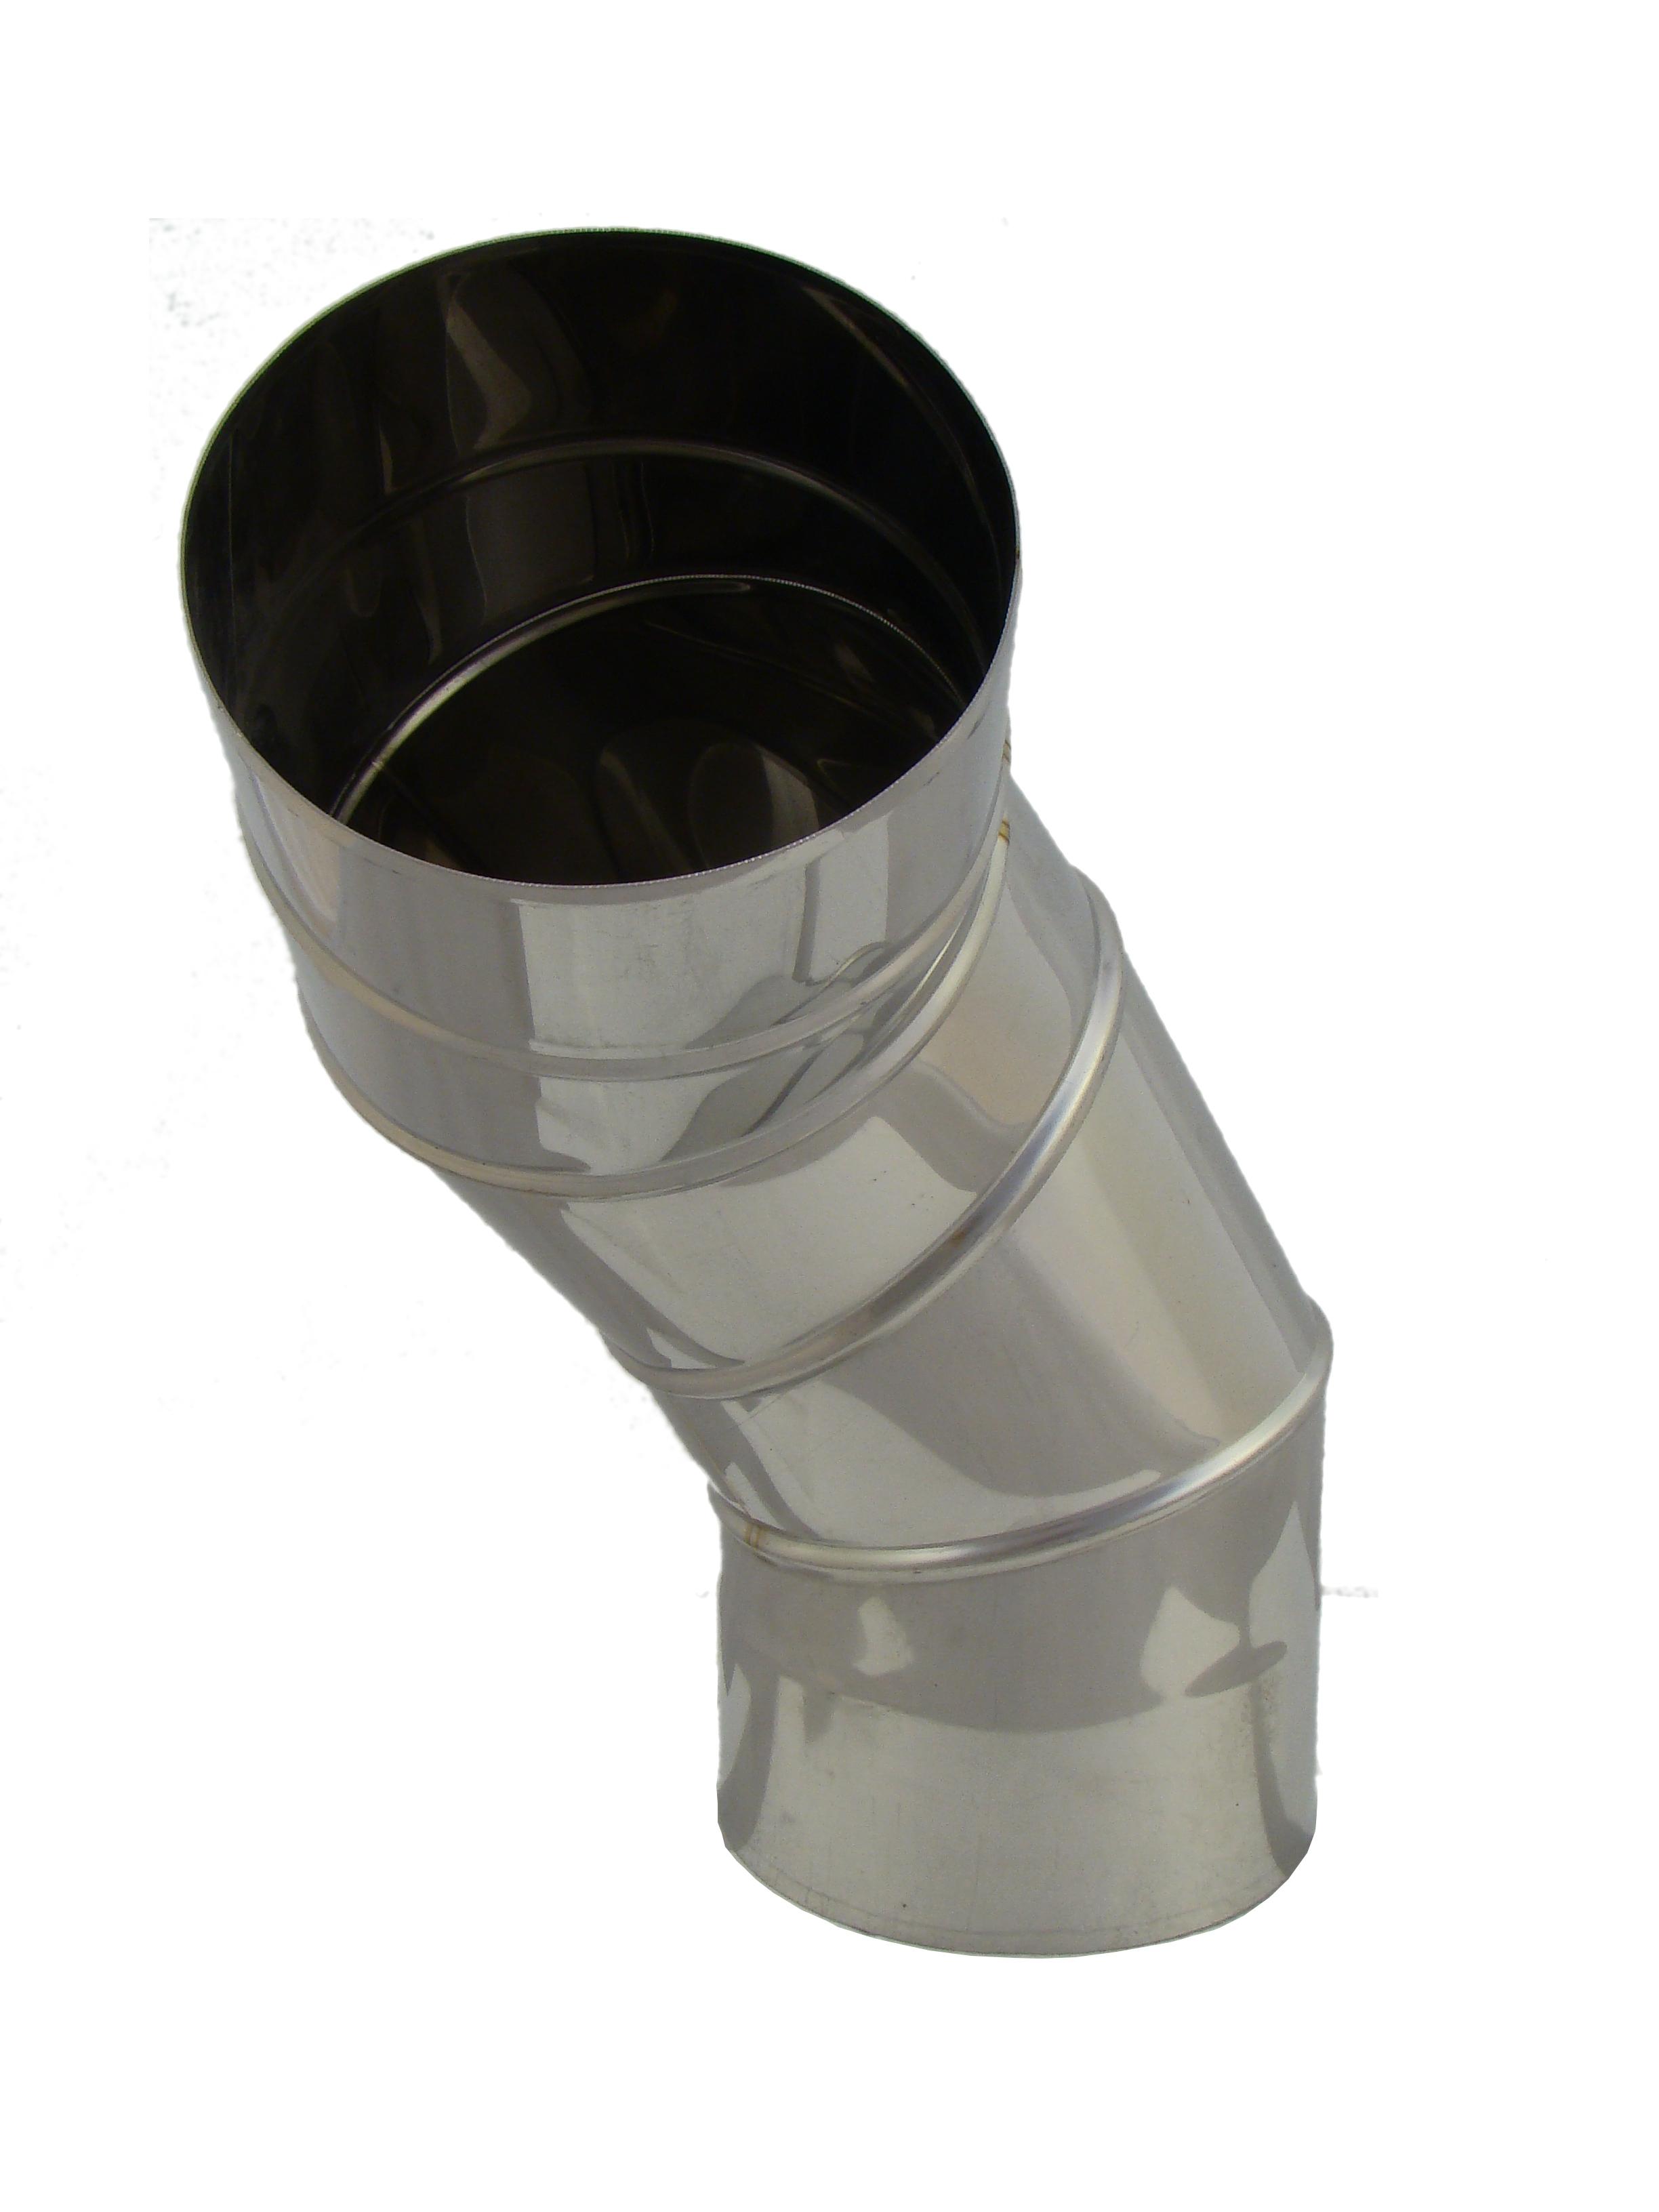 Schornstein Reinigungswinkel drehbar 0-90/° EW einwandig Edelstahl /Ø 130 mm; 0,6mm Wandst/ärke